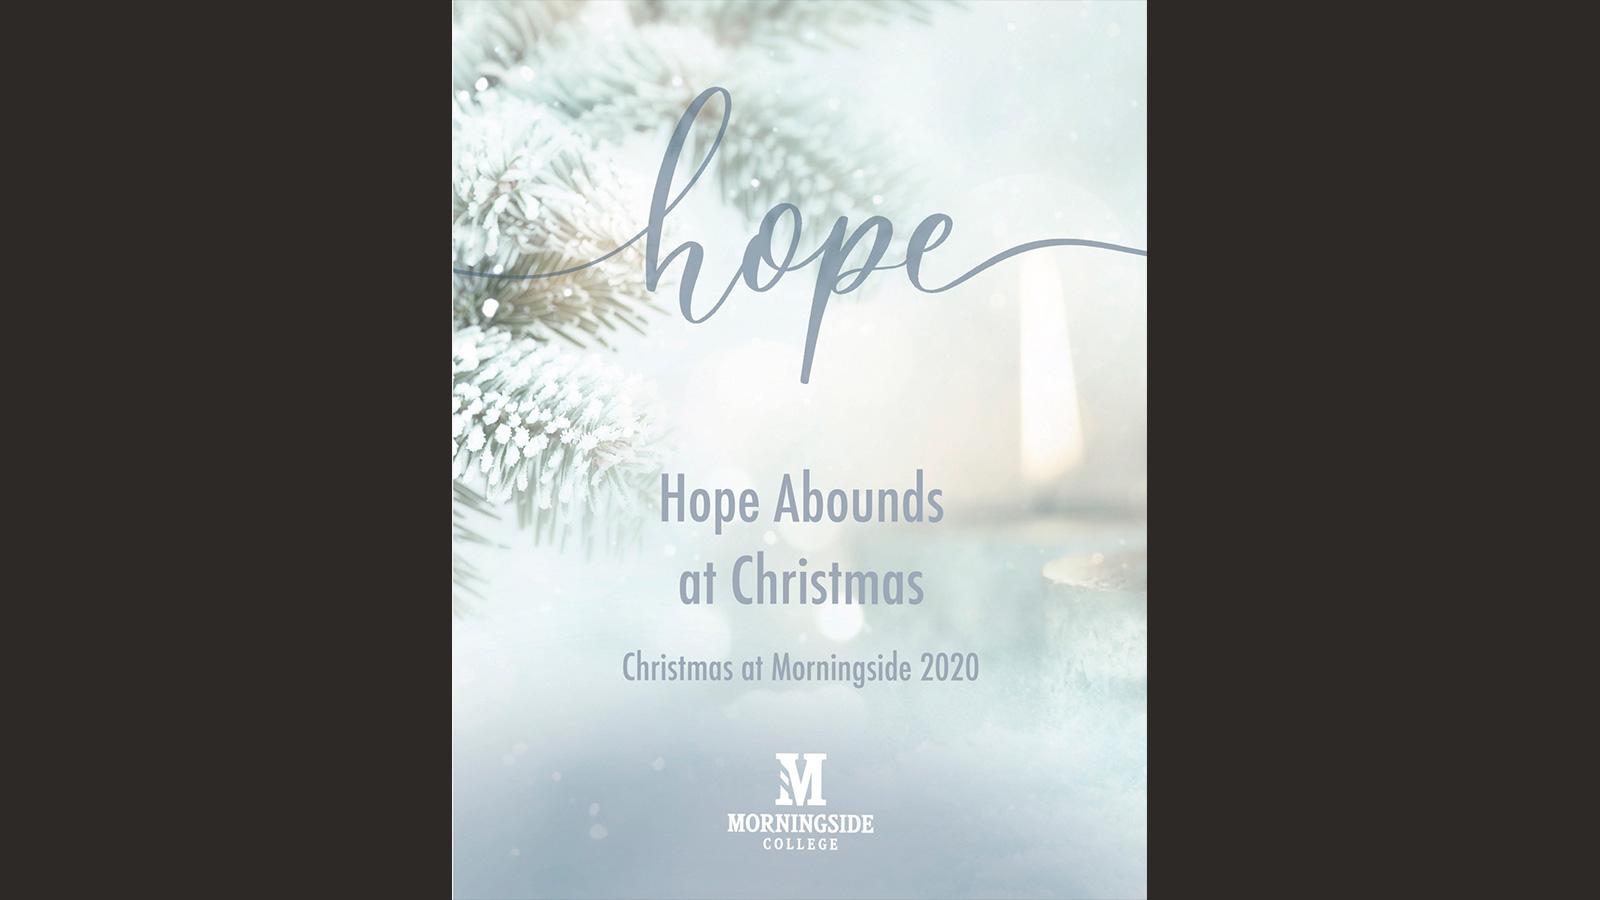 Christmas at Morningside 2020 program cover